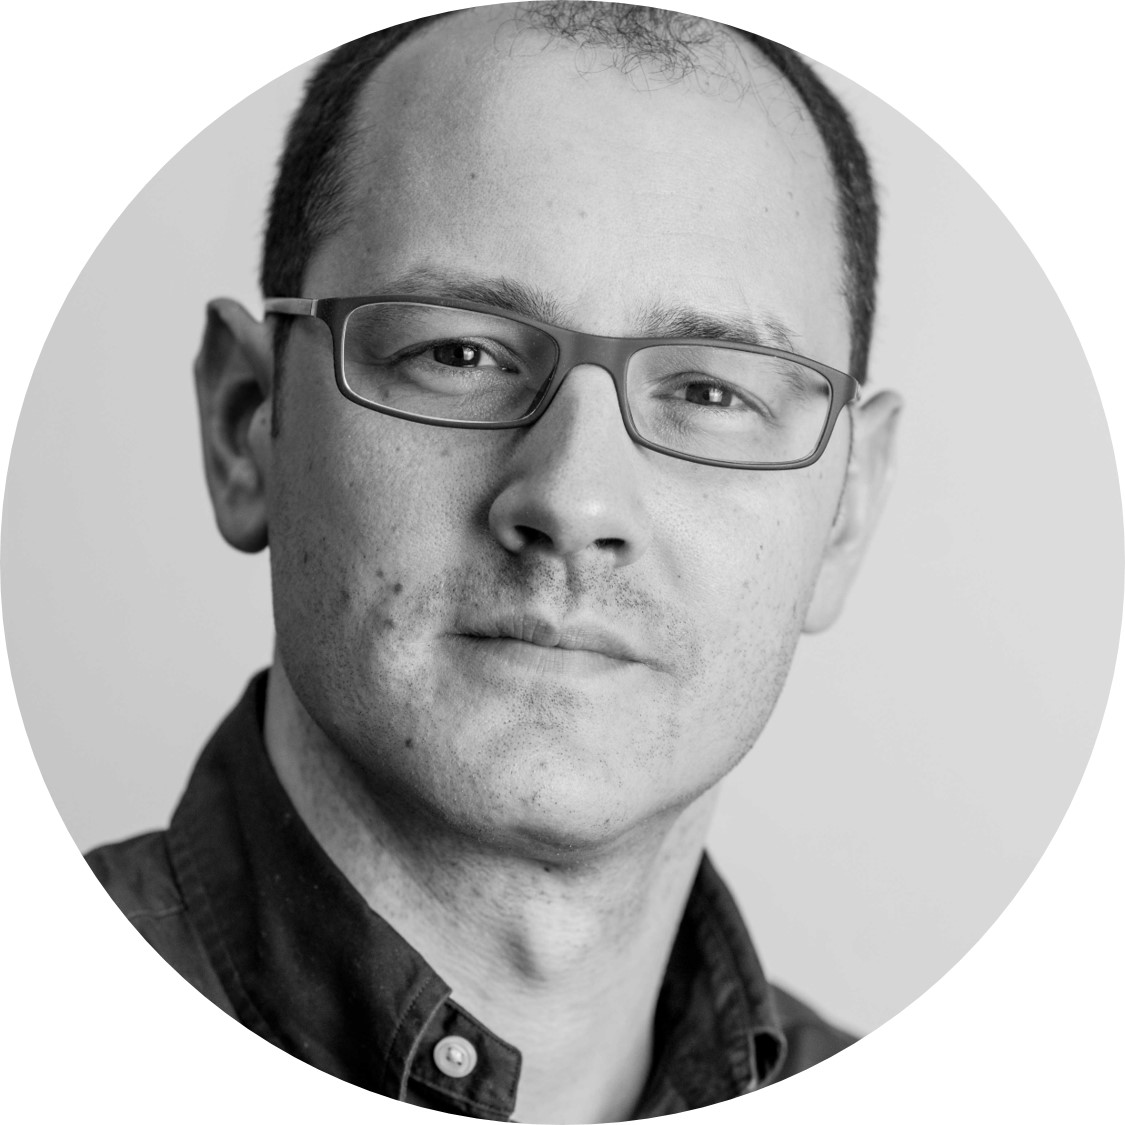 Jeremy Grinbaum Headshot_Rond